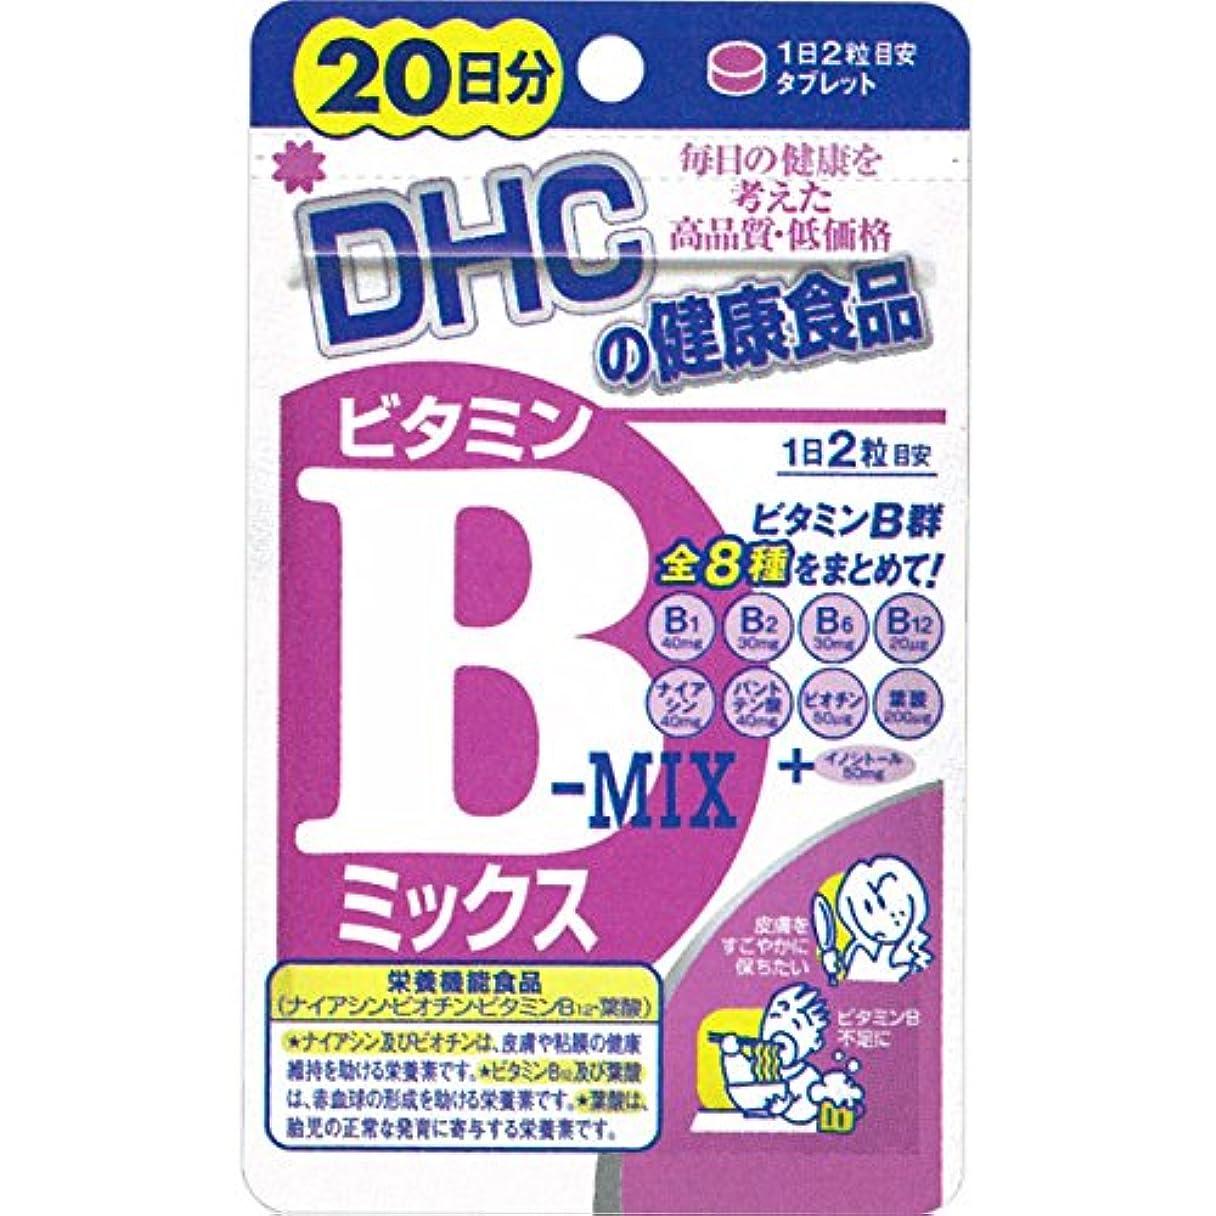 降ろす同一性崇拝するDHC(ディーエイチシー) サプリメント DHC ビタミンB MIX 20日分